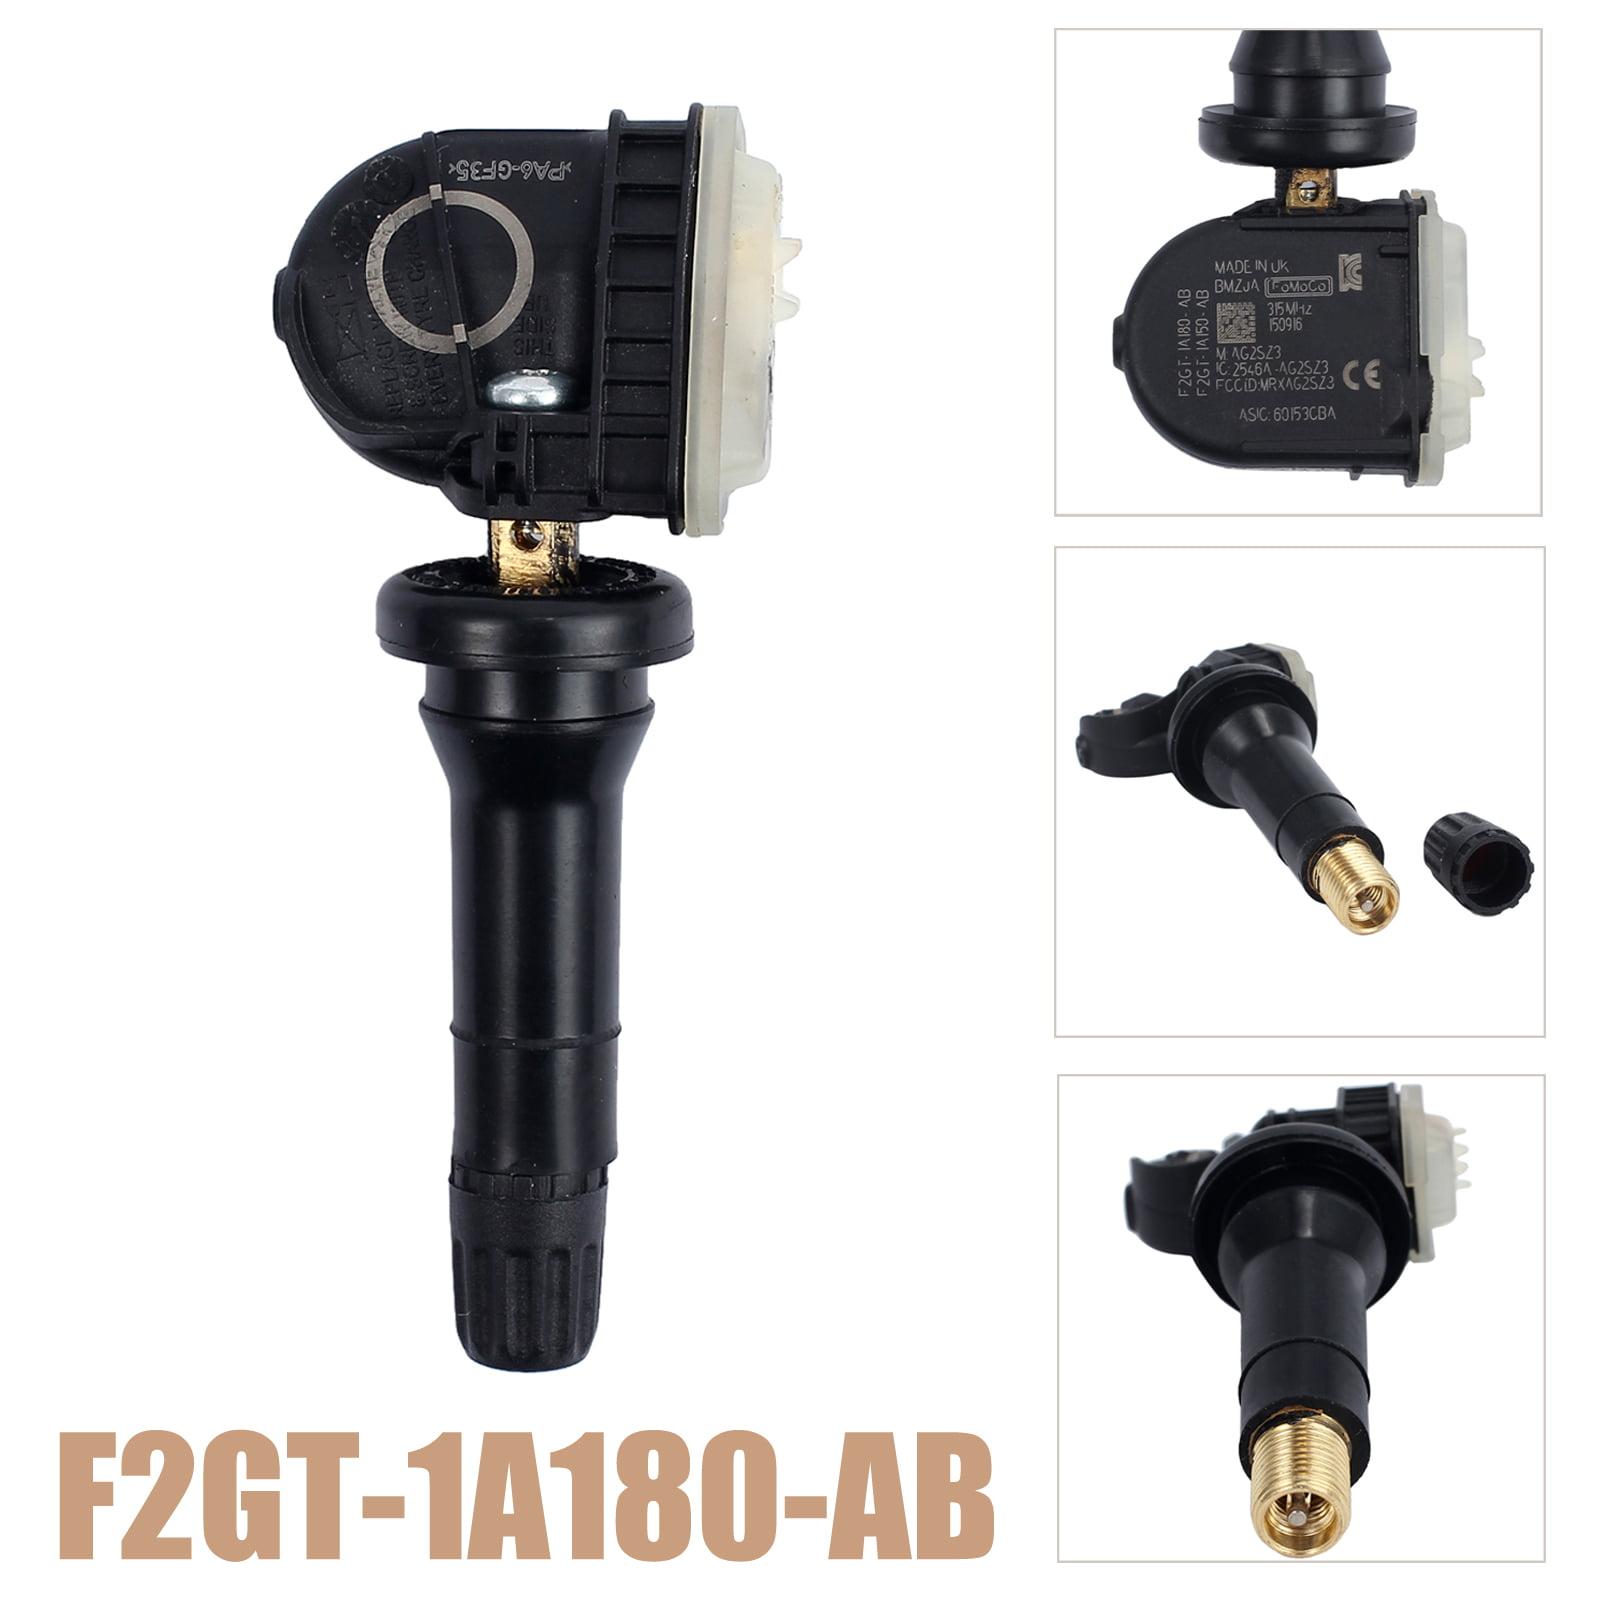 Car & Truck Parts 1Pc F2GT-1A180-CB Fit For 2016-2017 Ford Explorer Car TPMS Tire Pressure Sensor